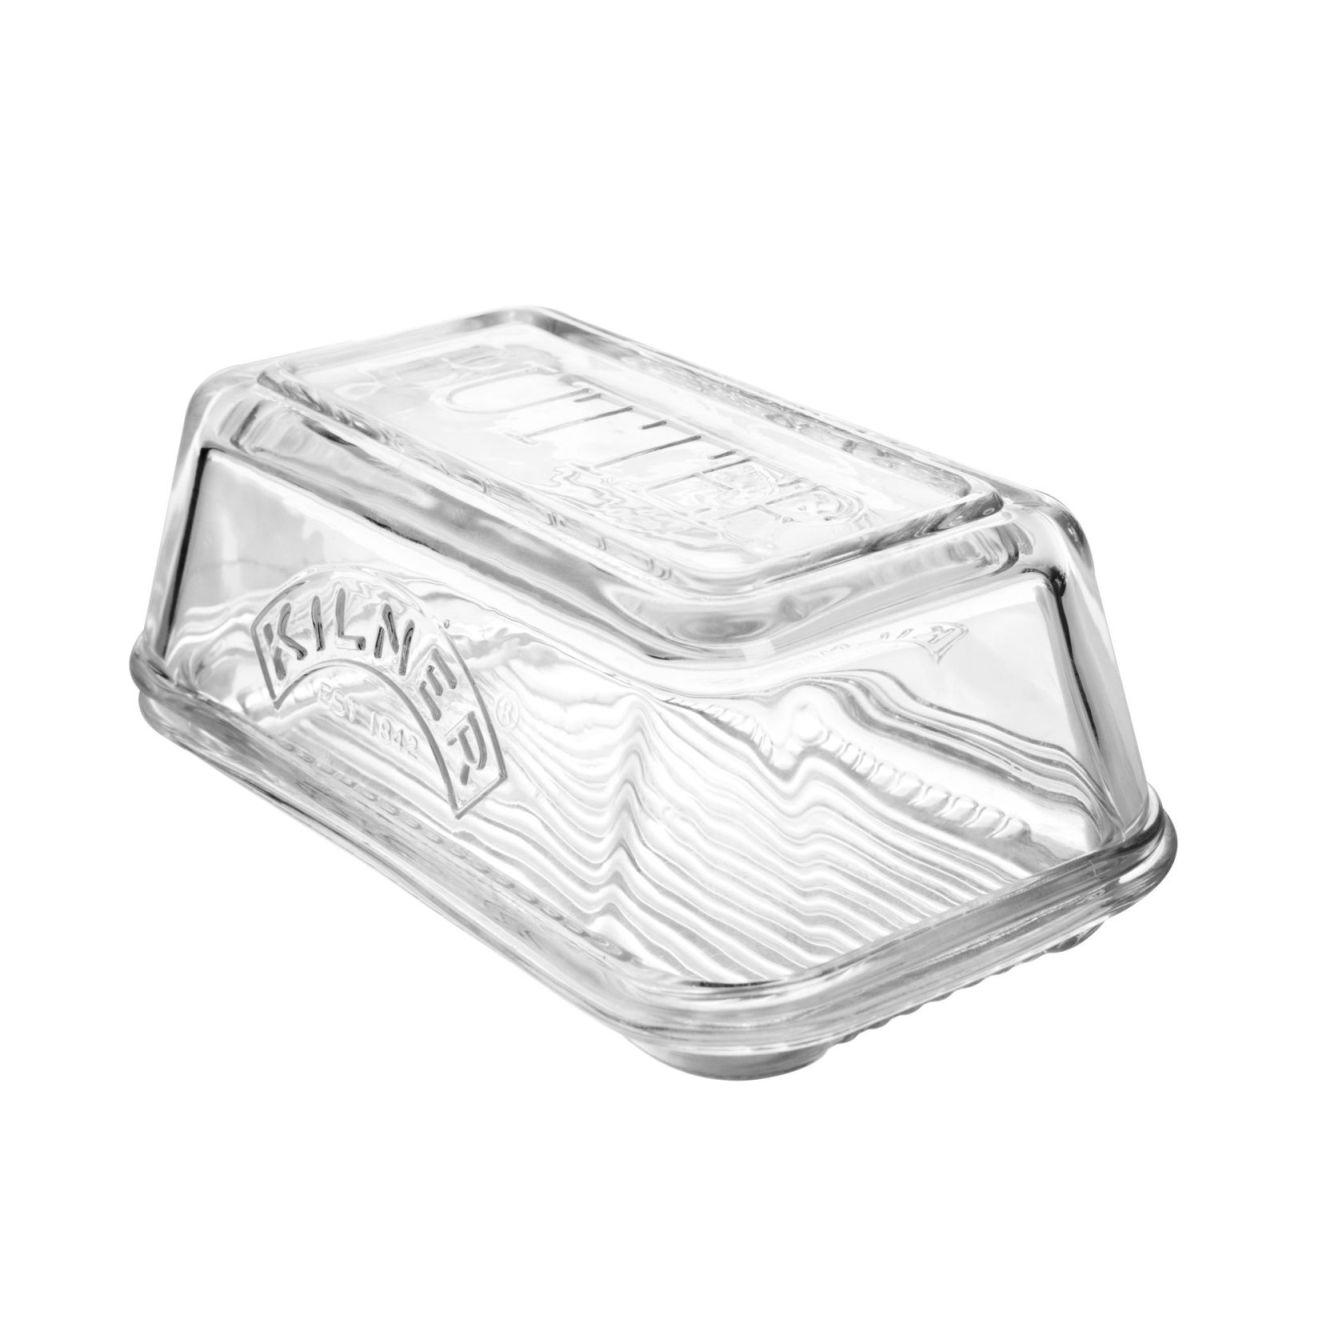 Skleněná dóza na máslo - Kilner